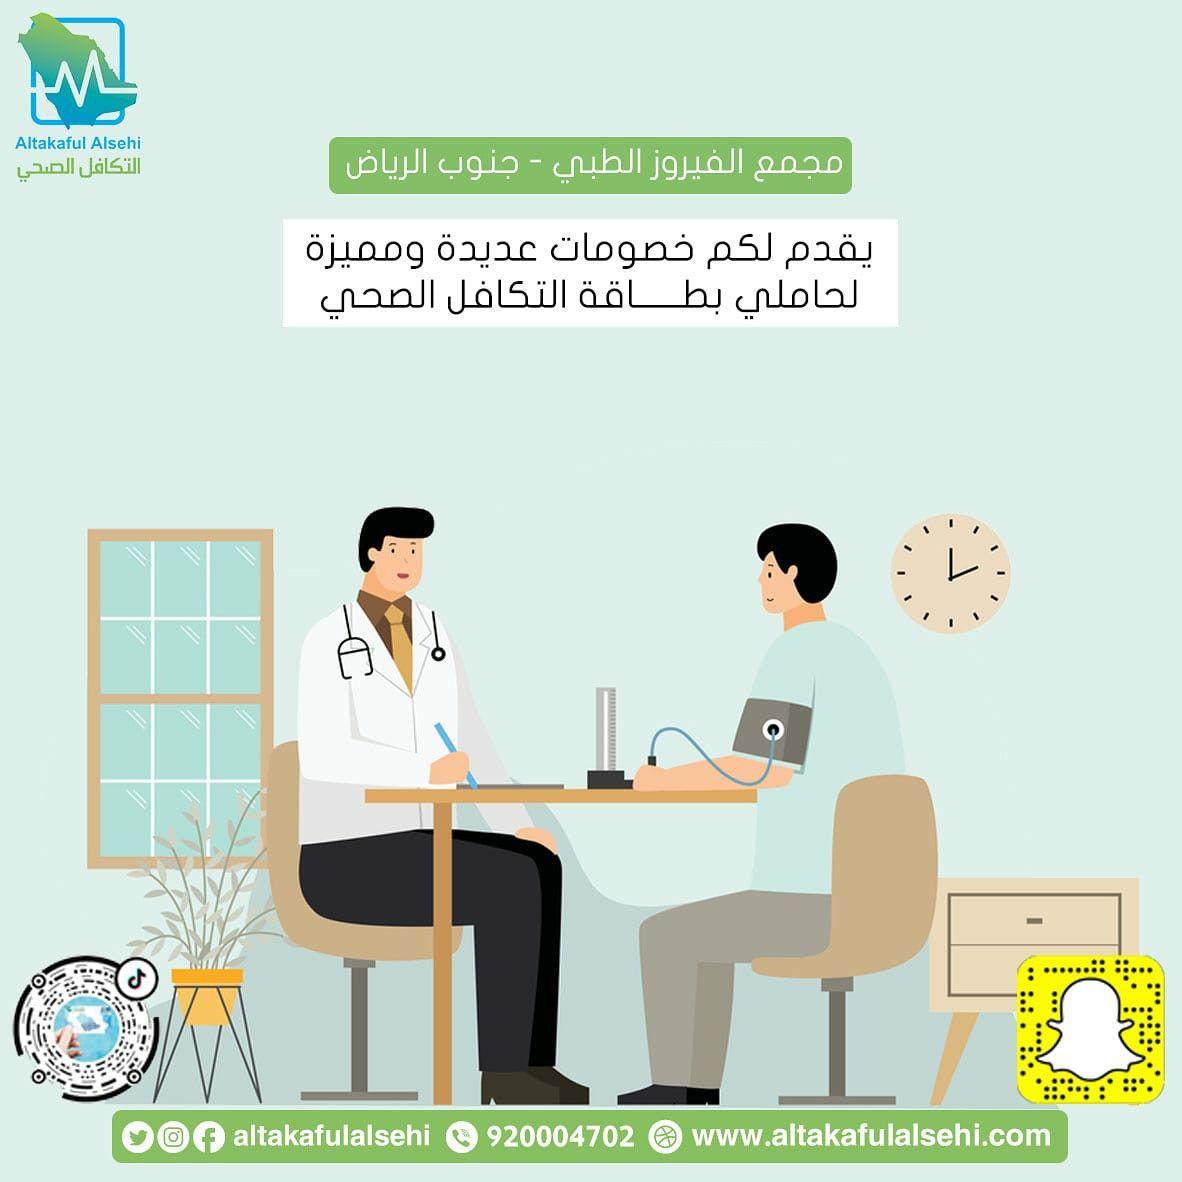 خدماتنا نقدمها لكم بخصومات مميزة من مجمع الفيروز الطبي جنوب الرياض لحاملي بطاقة التكافل الصحي Https Bit Ly 3ghtjvb استش Family Guy Health Insurance Health